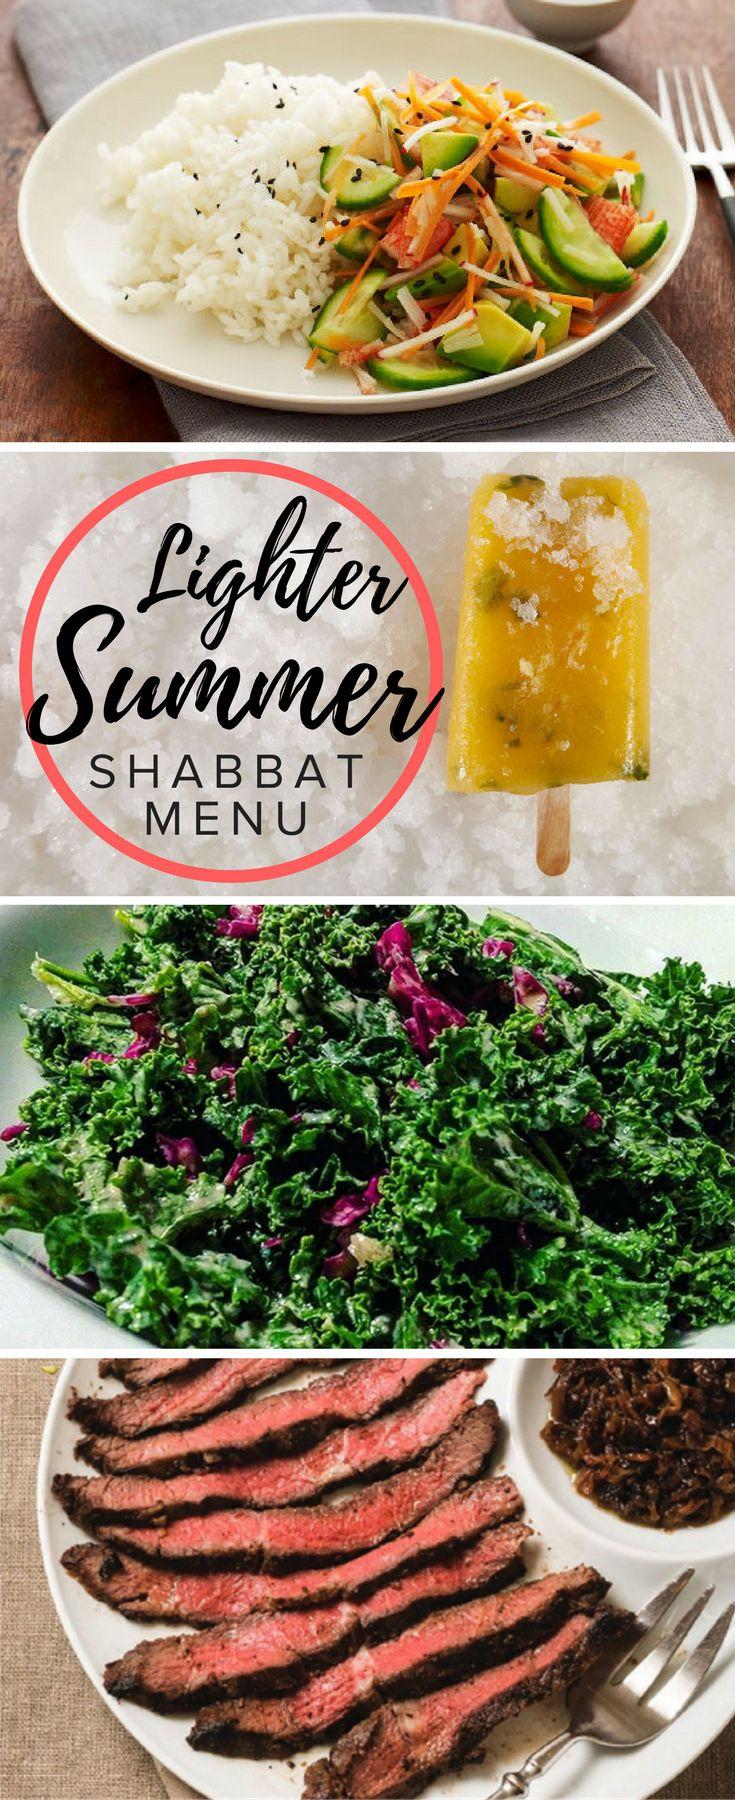 Lighten up for Shabbat this summer